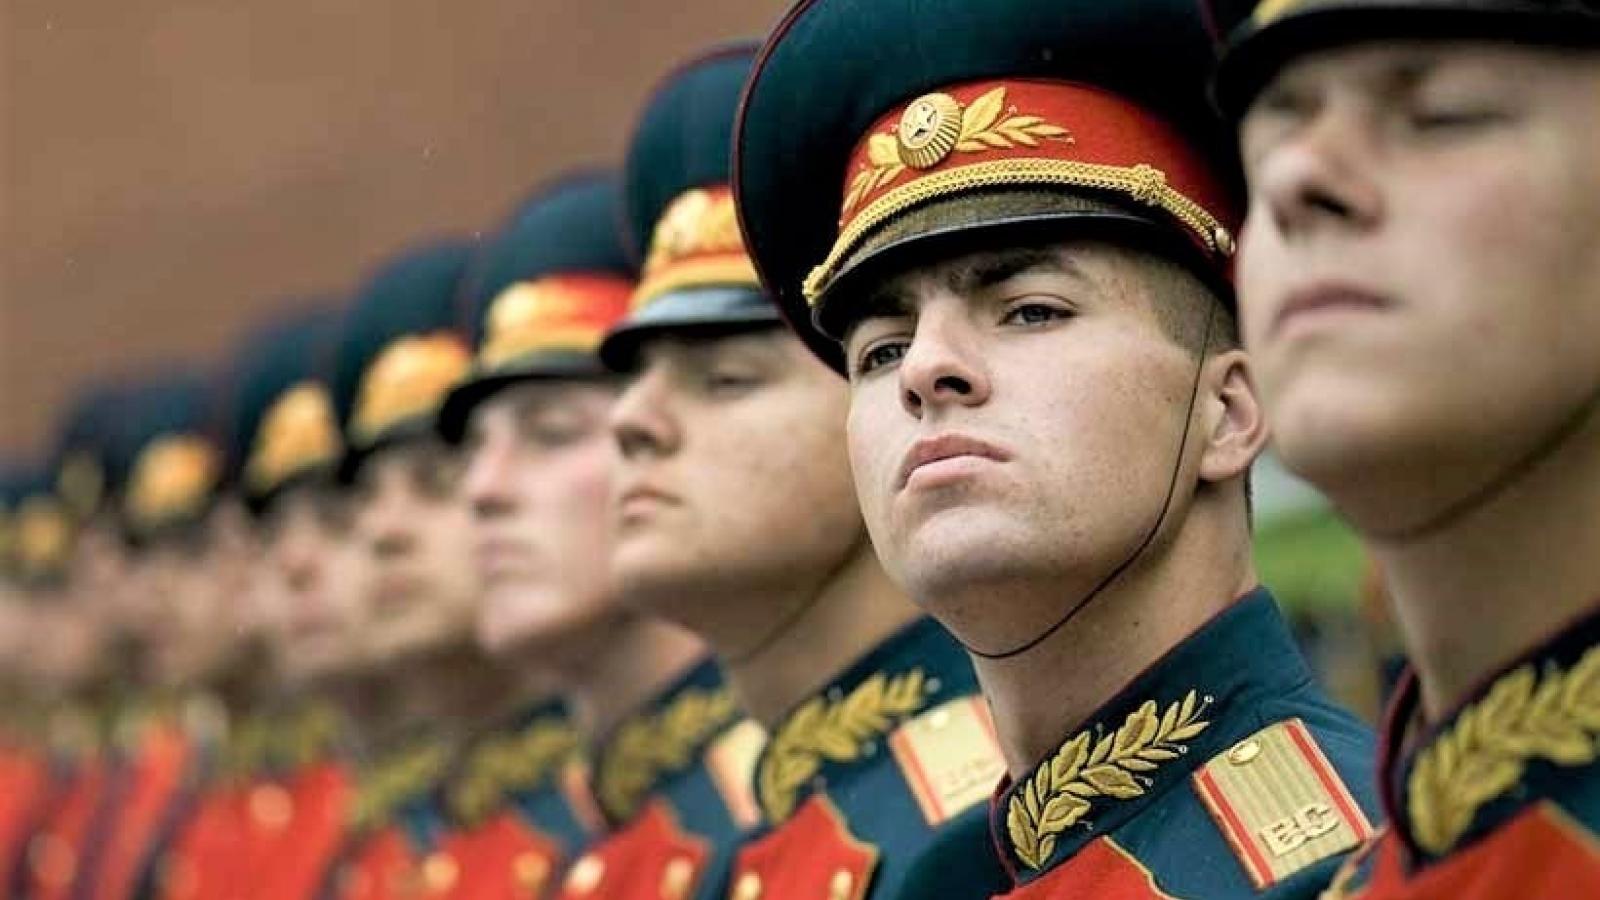 Chiến lược an ninh quốc gia Nga: Tuyên ngôn của kỷ nguyên mới